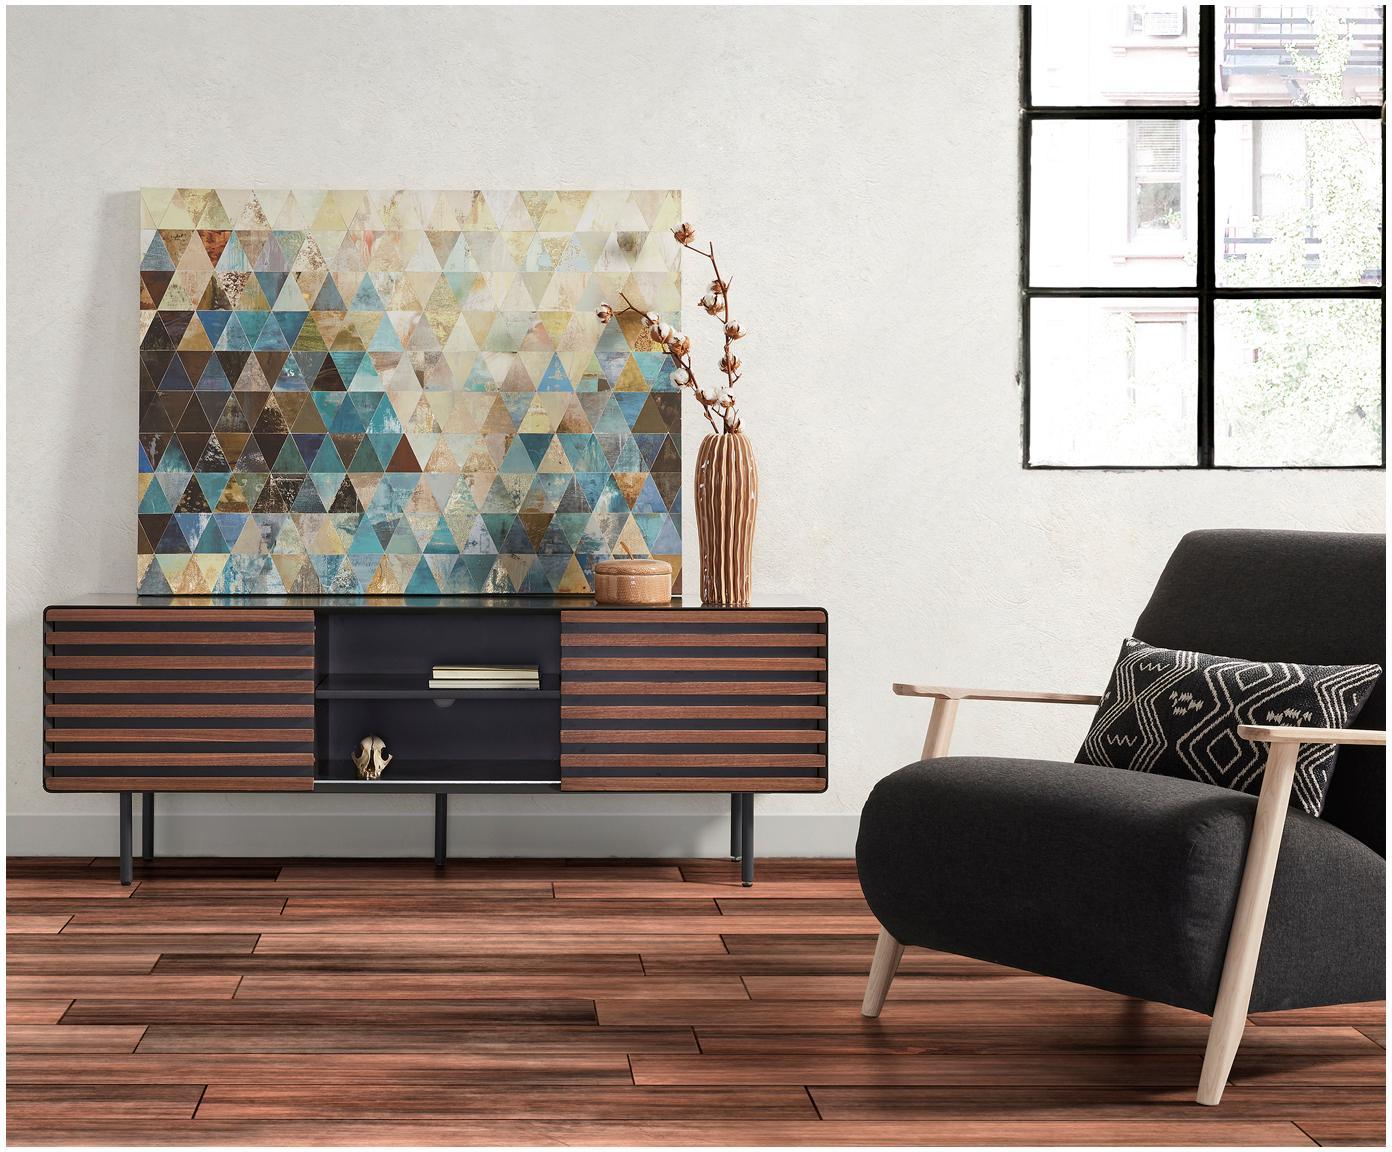 Szafka RTV Kesia, Grafitowy, drewno orzecha włoskiego, S 162 x W 58 cm